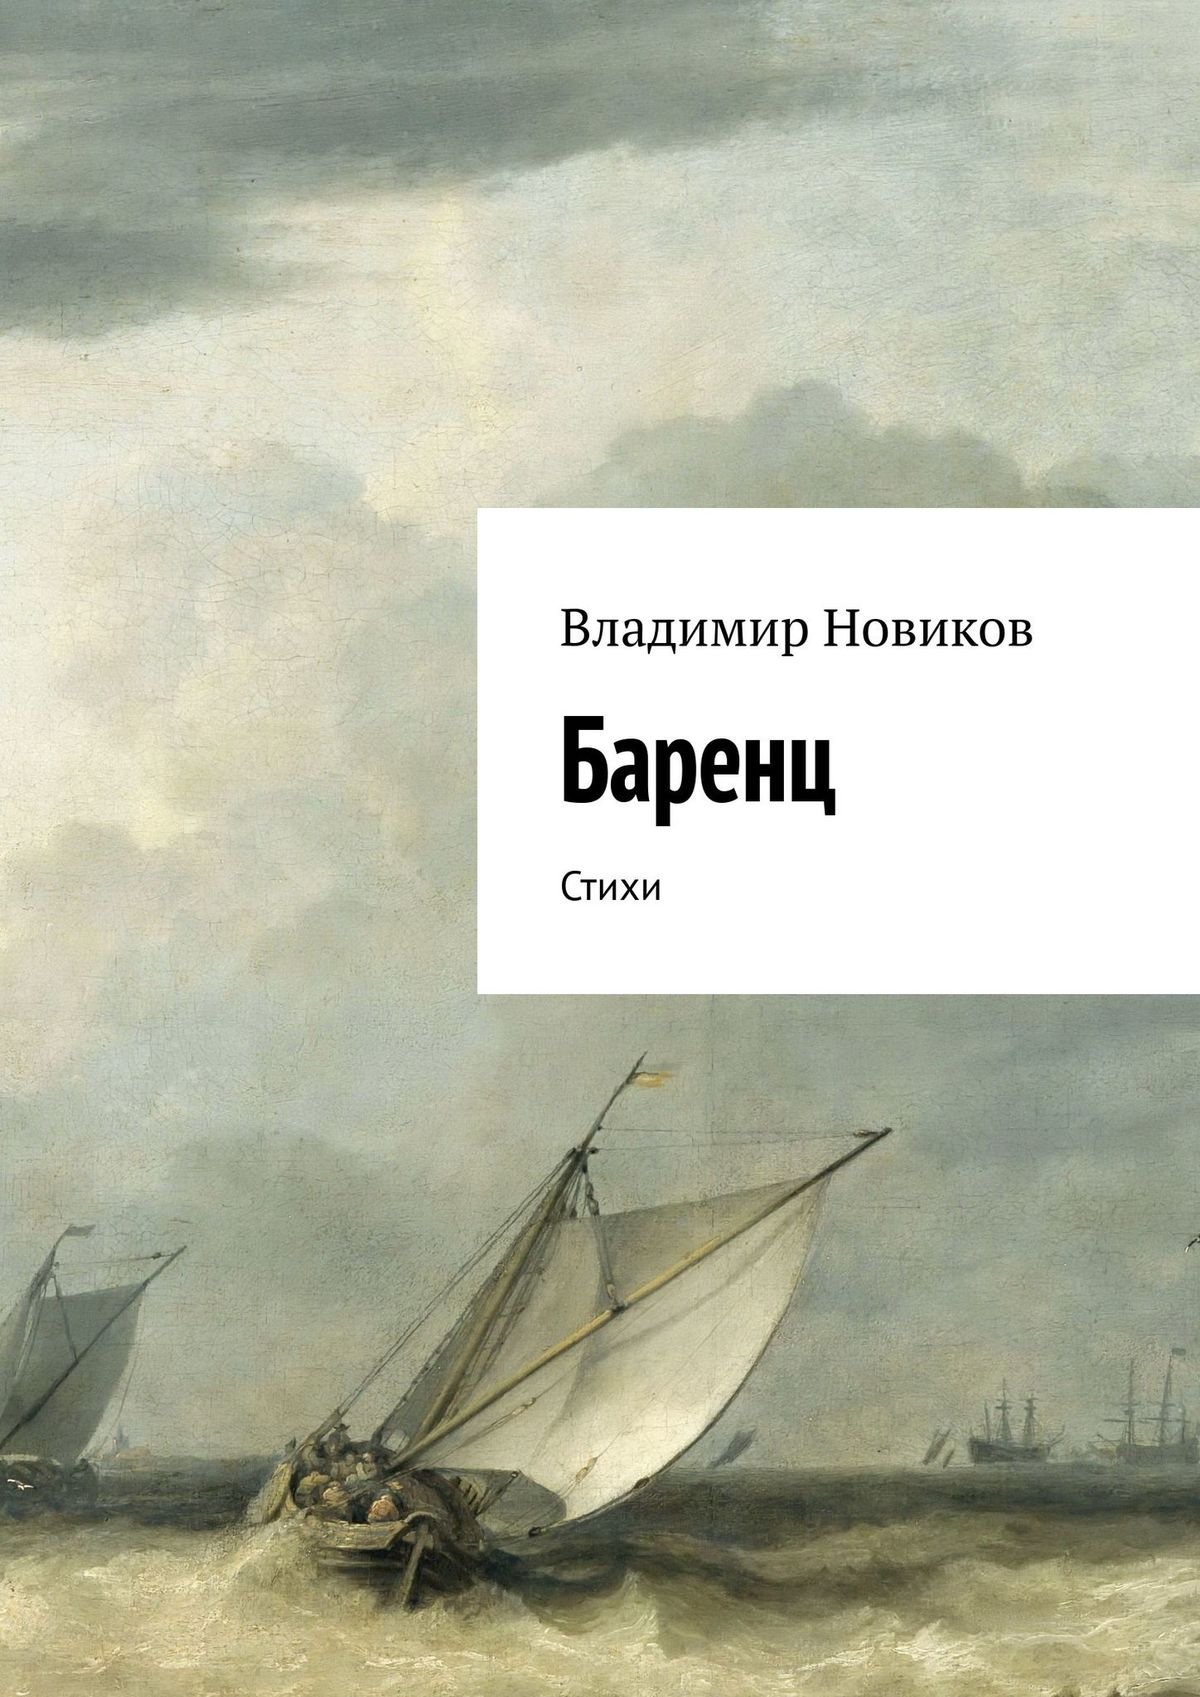 Владимир Новиков Баренц. Стихи стоимость